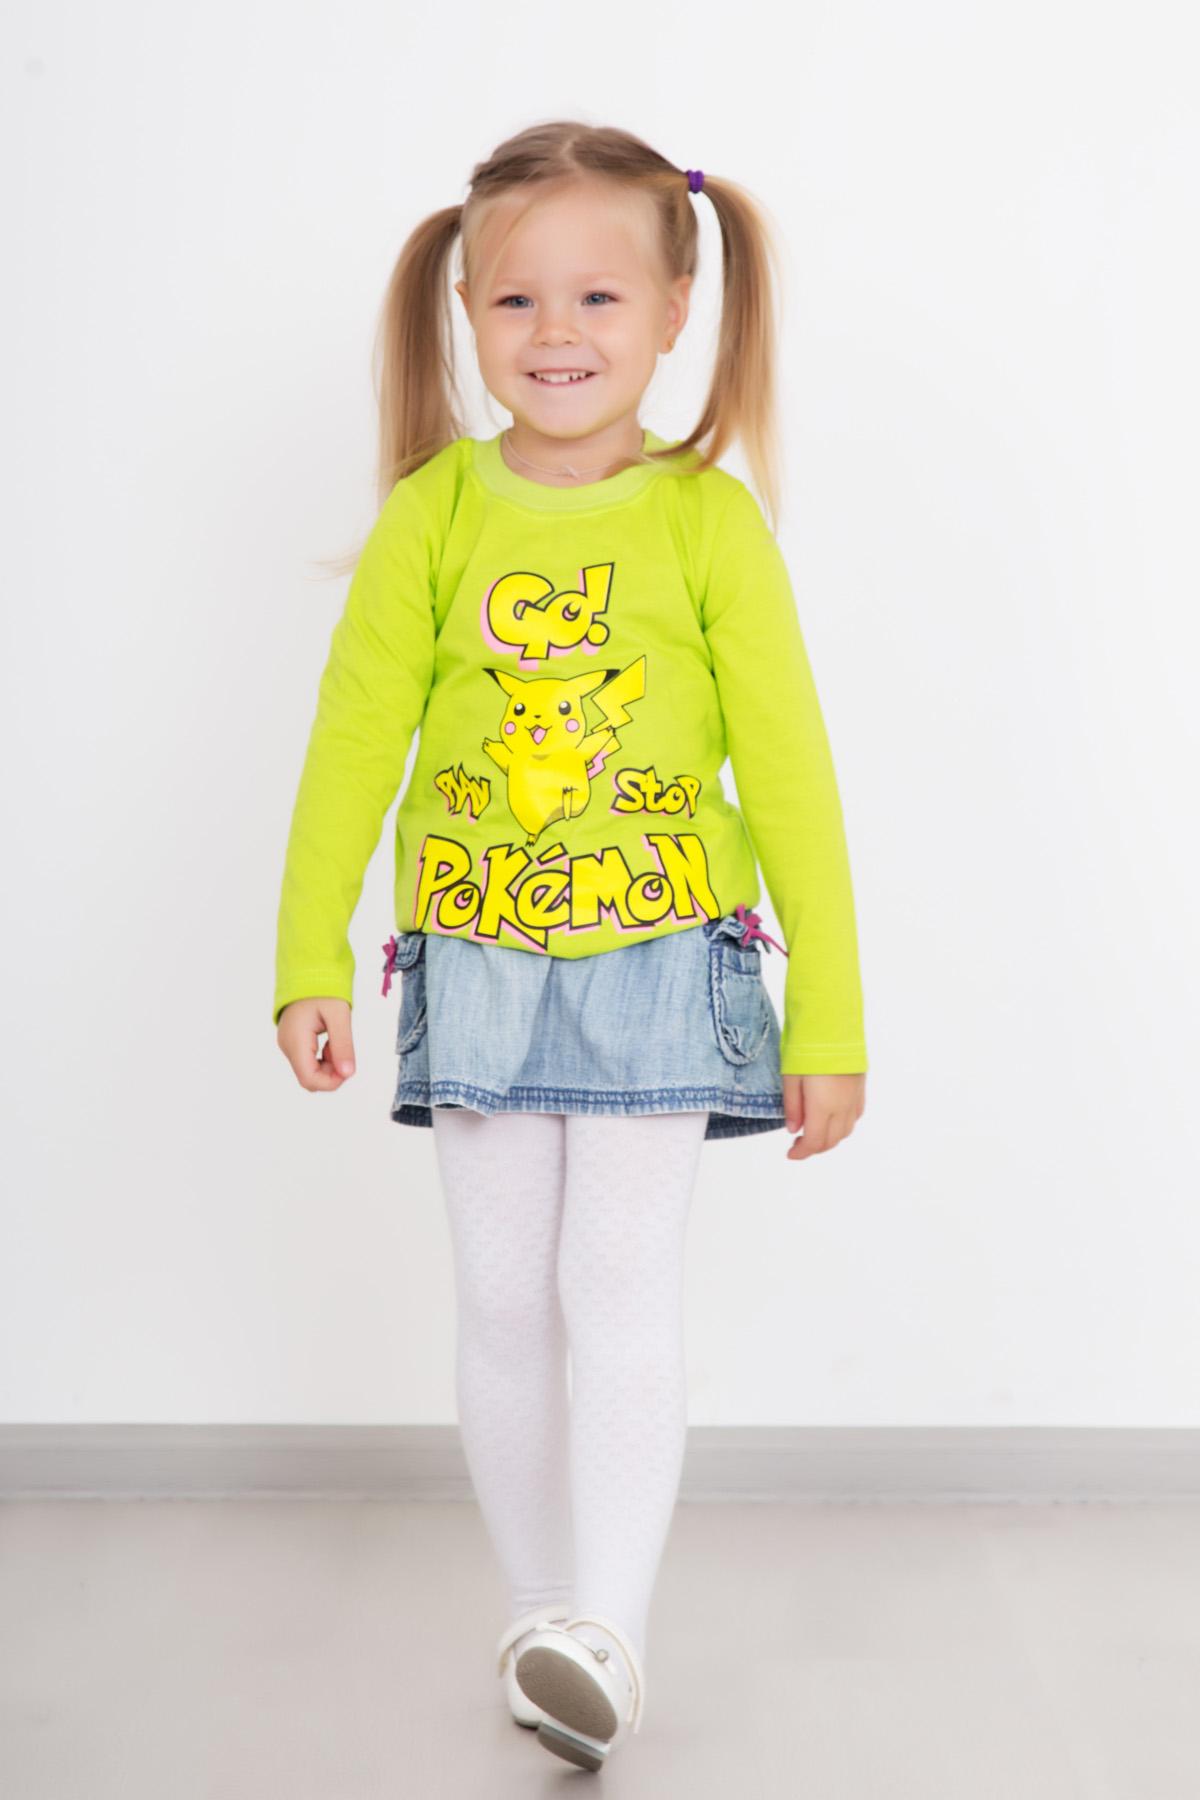 Дет. футболка Покемон Зеленый р. 36Распродажа товаров<br><br><br>Тип: Дет. футболка<br>Размер: 36<br>Материал: Кулирка